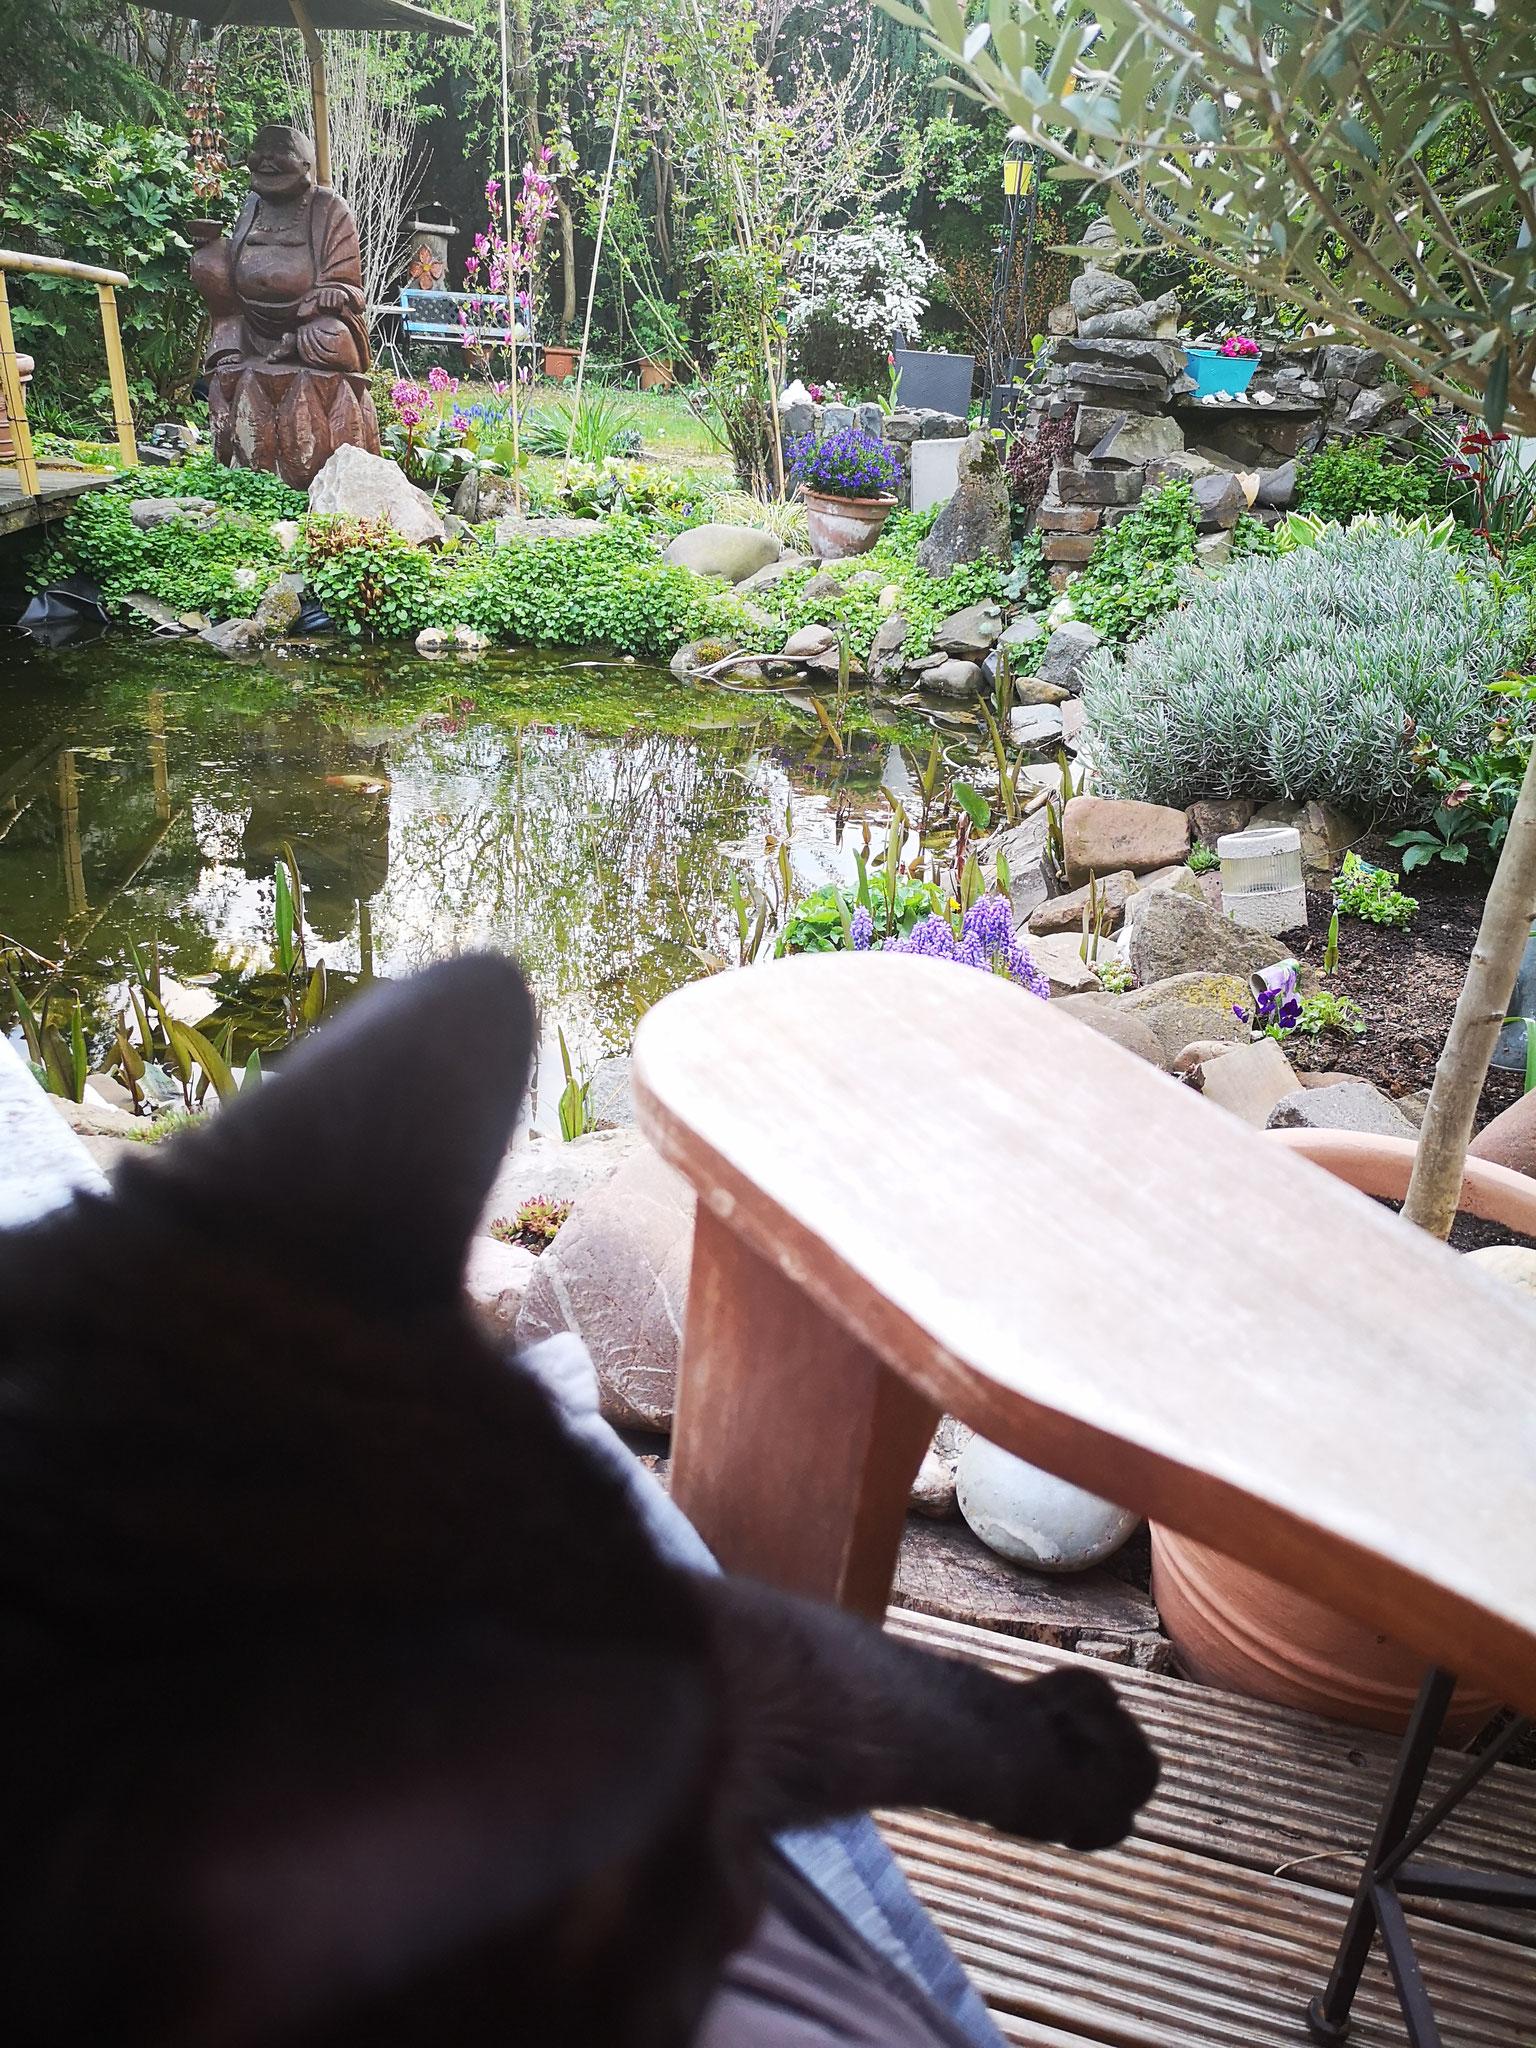 Es gibt viele Tiere im Seminargarten Köln: Katzen, Unken, Fische, Vögel, Regenwürmer...